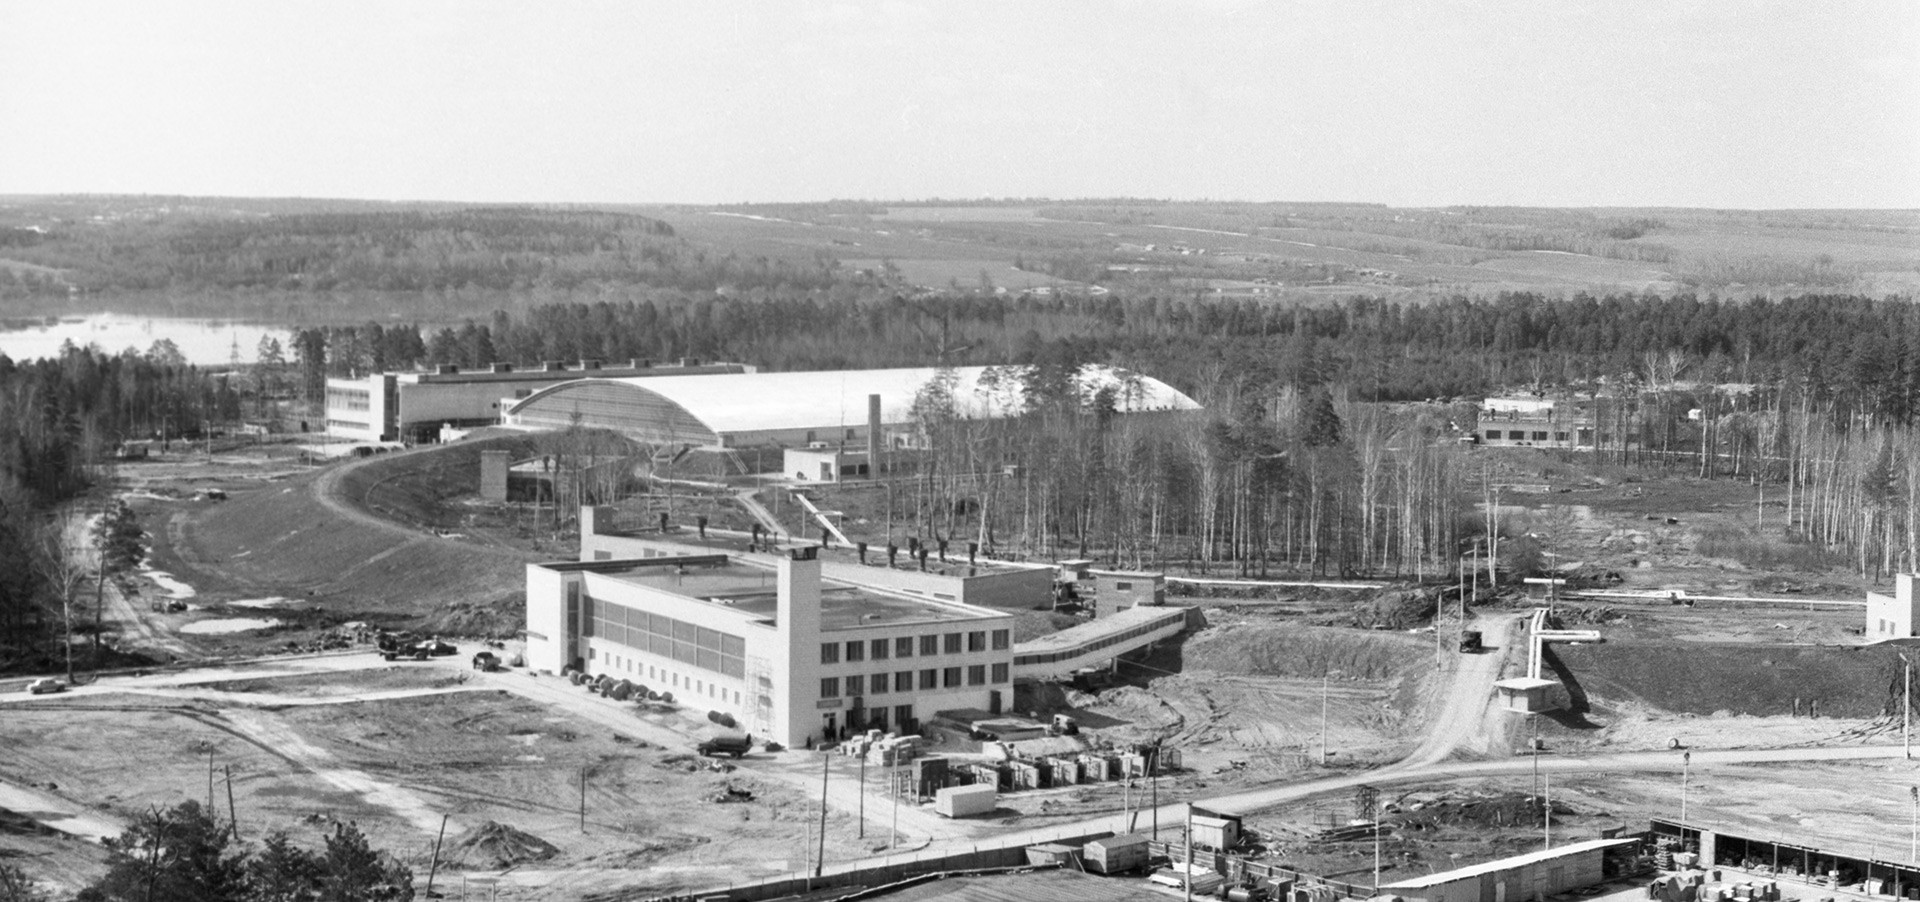 「高エネルギー物理研究機構」(IHEP)、モスクワ州